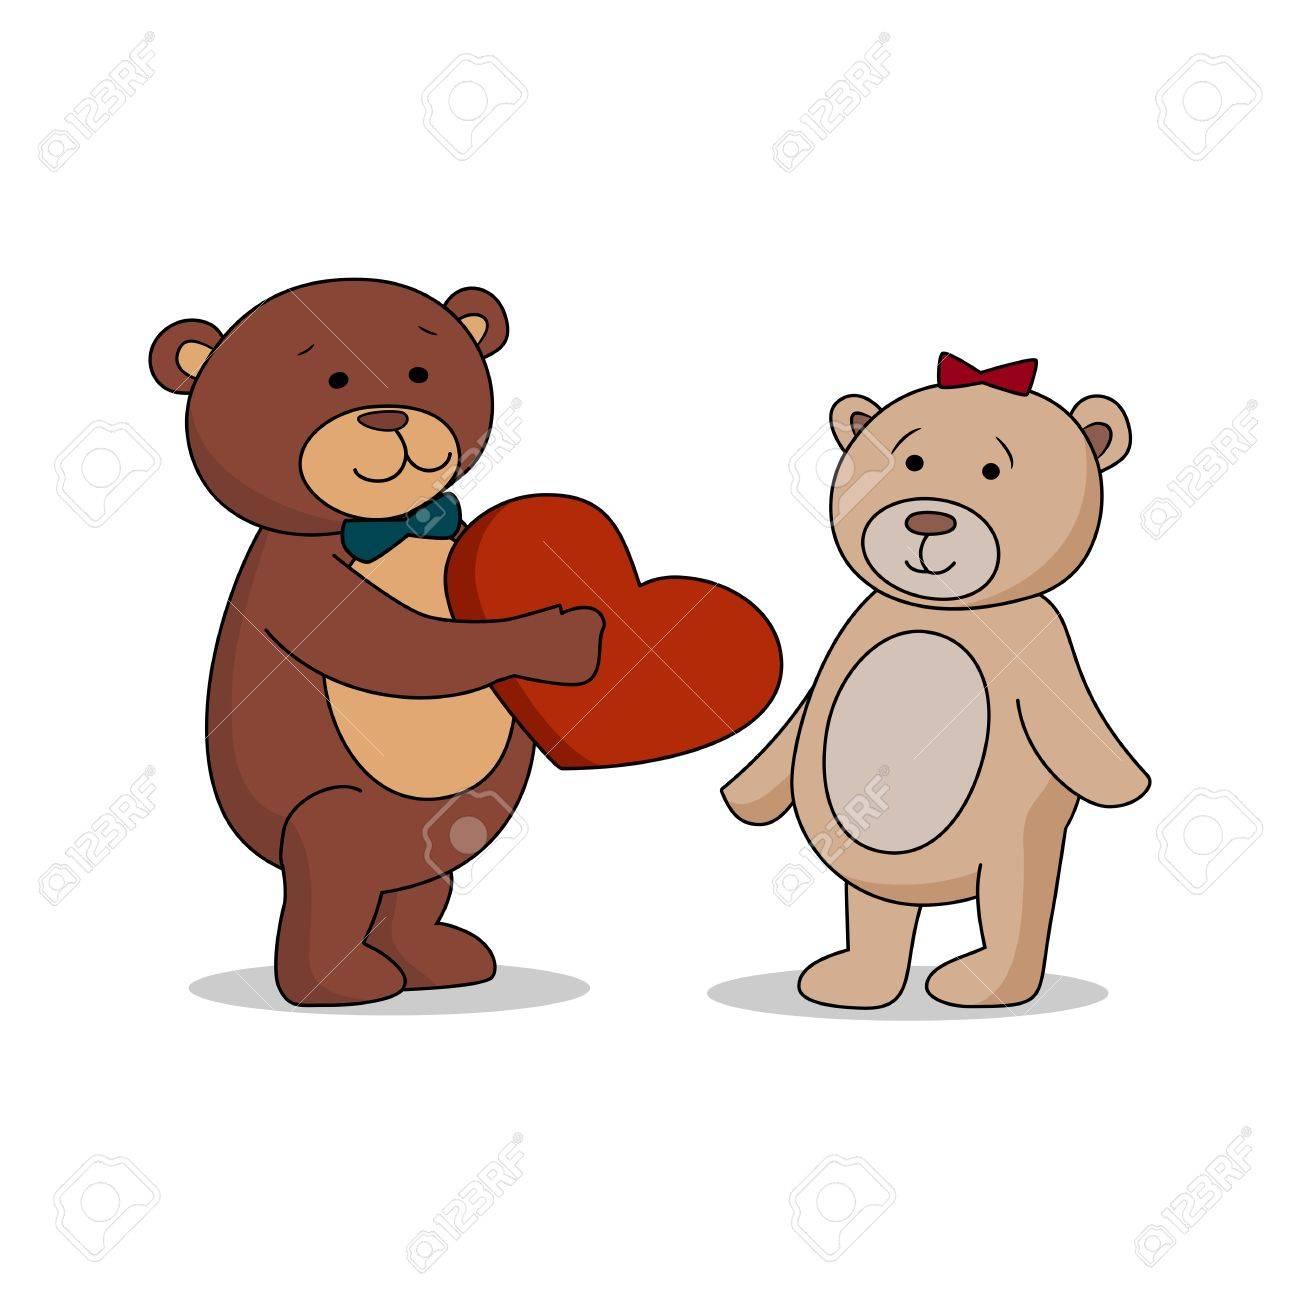 Amanti Paio Di Orsacchiotti Con Il Cuore In Mano Orso Dà Un Cuore